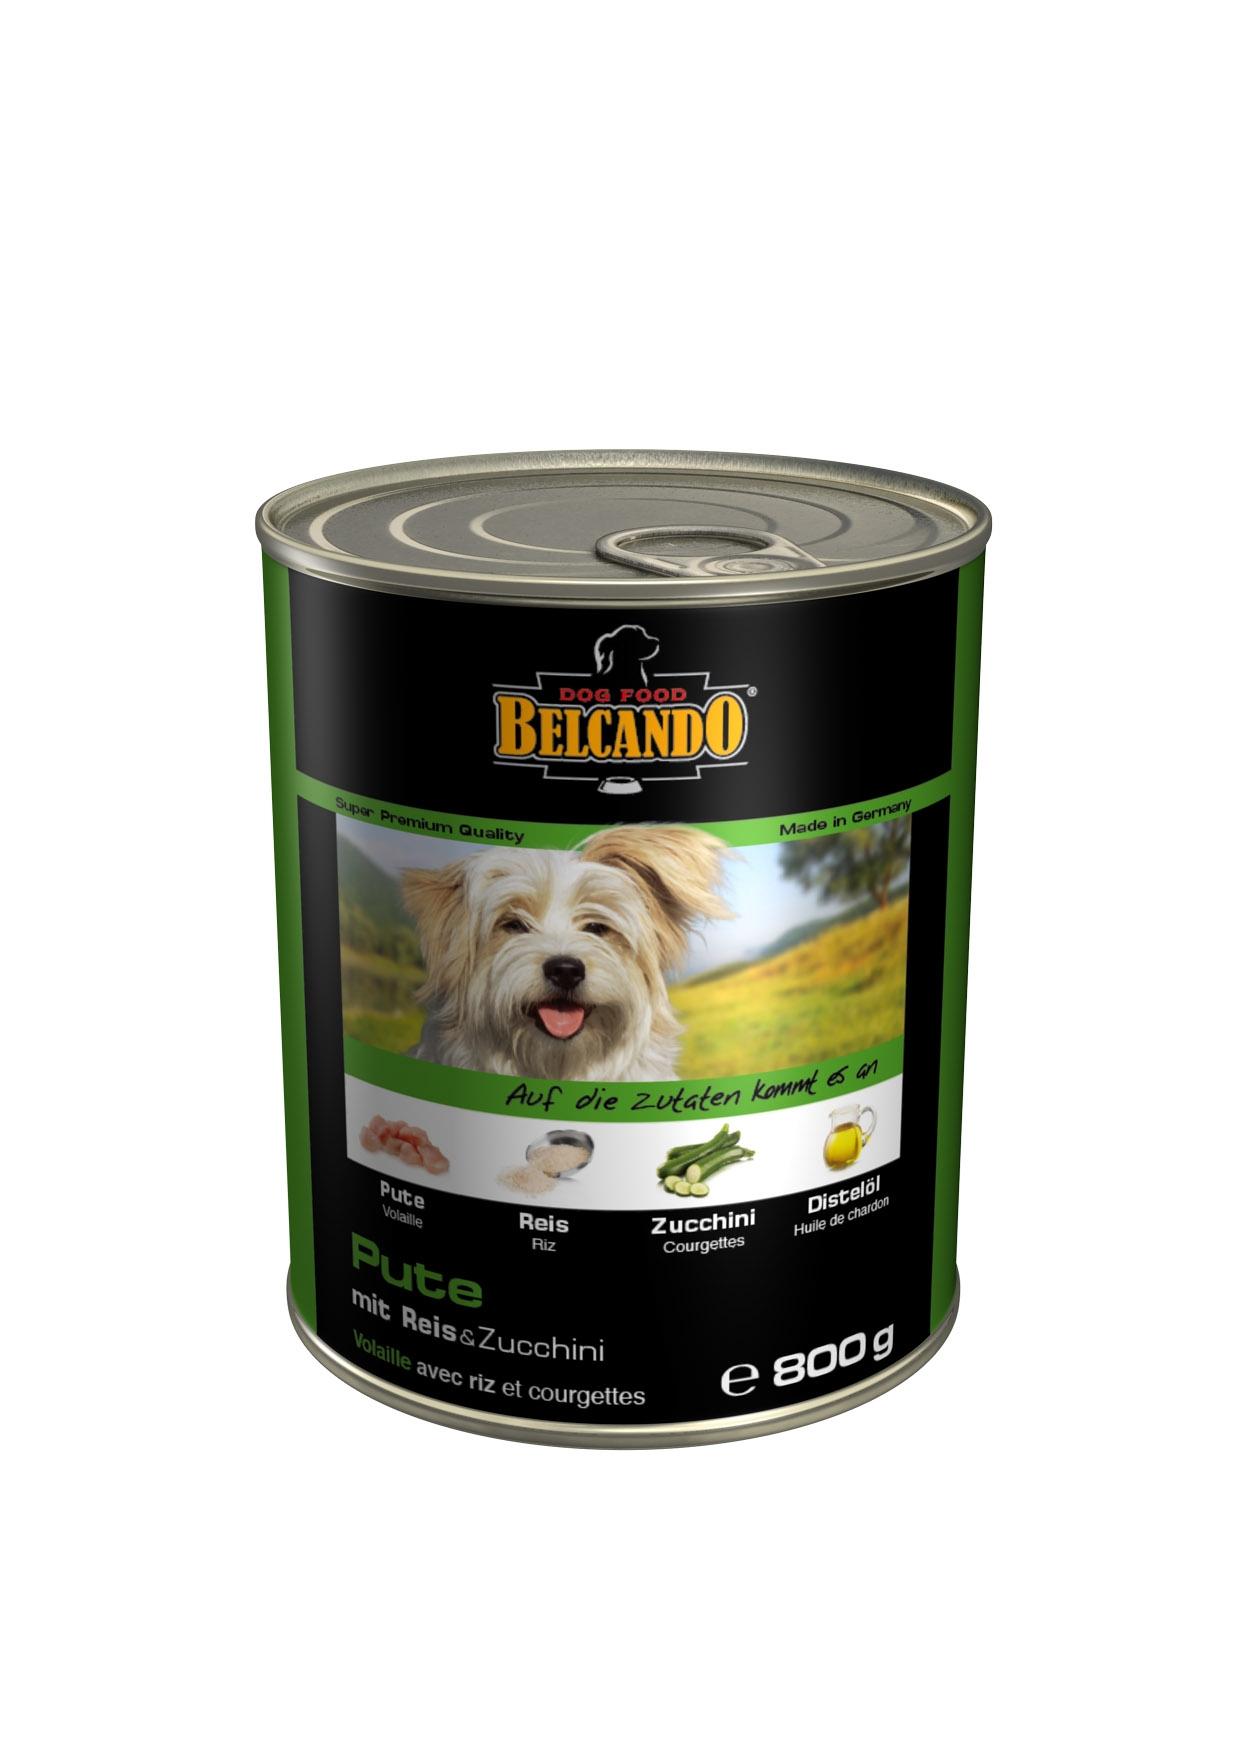 Консервы для собак Belcando, с мясом и овощами, 800 г0120710Консервы Belcando - это полнорационное влажное питание для собак. Подходят для собак всех возрастов. Комбинируется с любым типом корма, в том числе с натуральной пищей. Состав: мясо 93,8%, овощи 5%, витамины и минералы 1,2%. Анализ состава: протеин 14 %, жир 5 %, клетчатка 0,3 %, зола 2,5 %, влажность 79 %, витамин А 2,500 МЕ/кг, витамин Е 40 мг/кг, витамин D3 250 МЕ/кг, кальций 0,4 %, фосфор 0,16 %.Вес: 800 г.Товар сертифицирован.